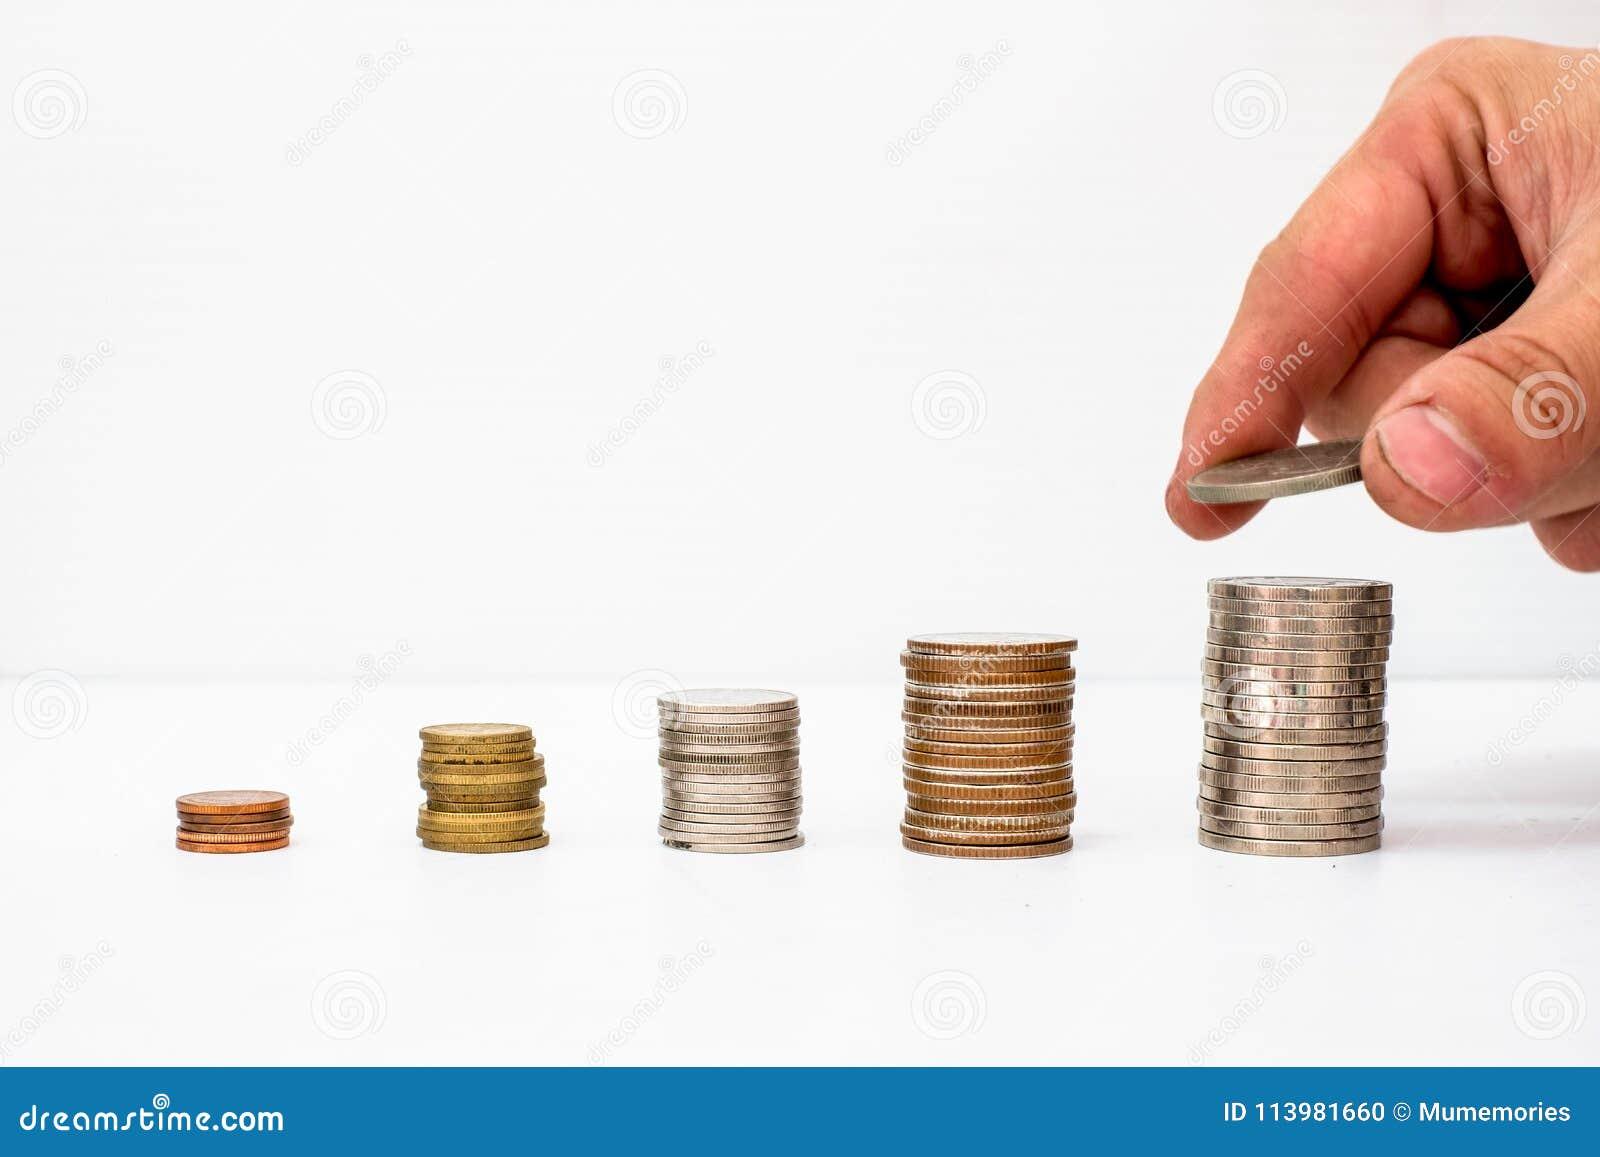 Uitgelezen muntstuk gezet op de fondsen van stapelmuntstukken met waardestijging